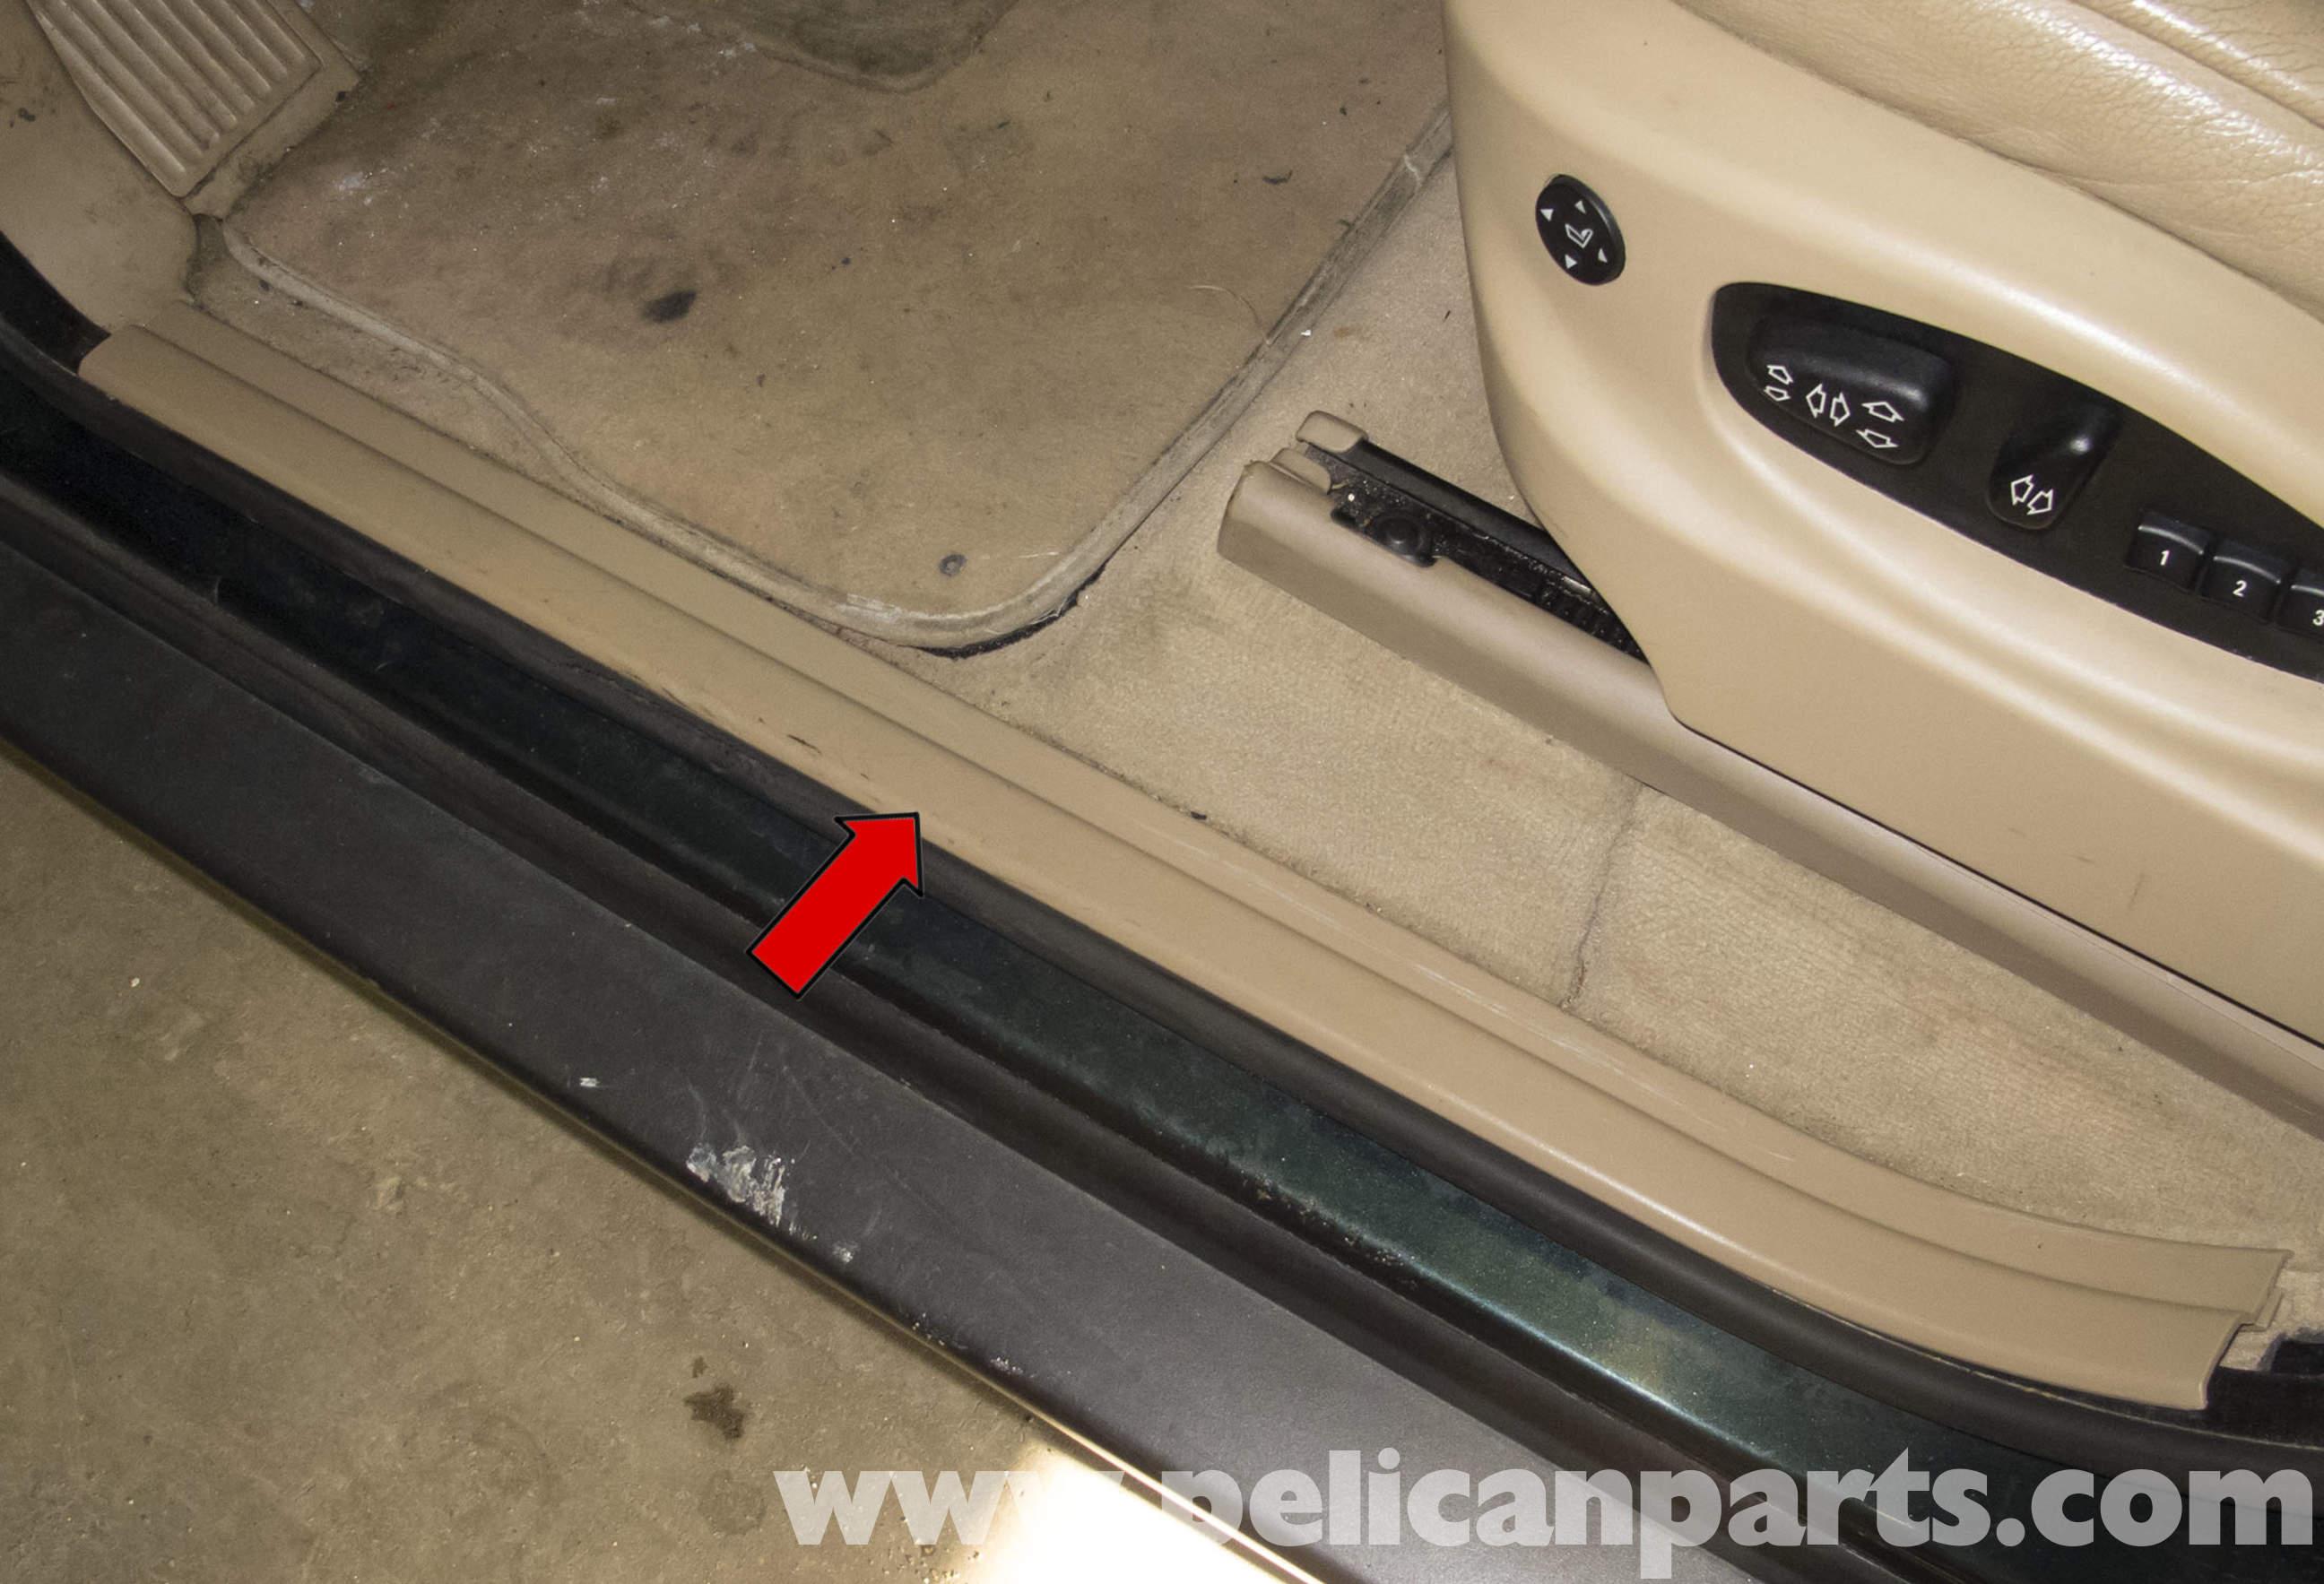 Bmw X5 Door Entrance Trim Replacement E53 2000 2006 Pelican Parts Diy Maintenance Article